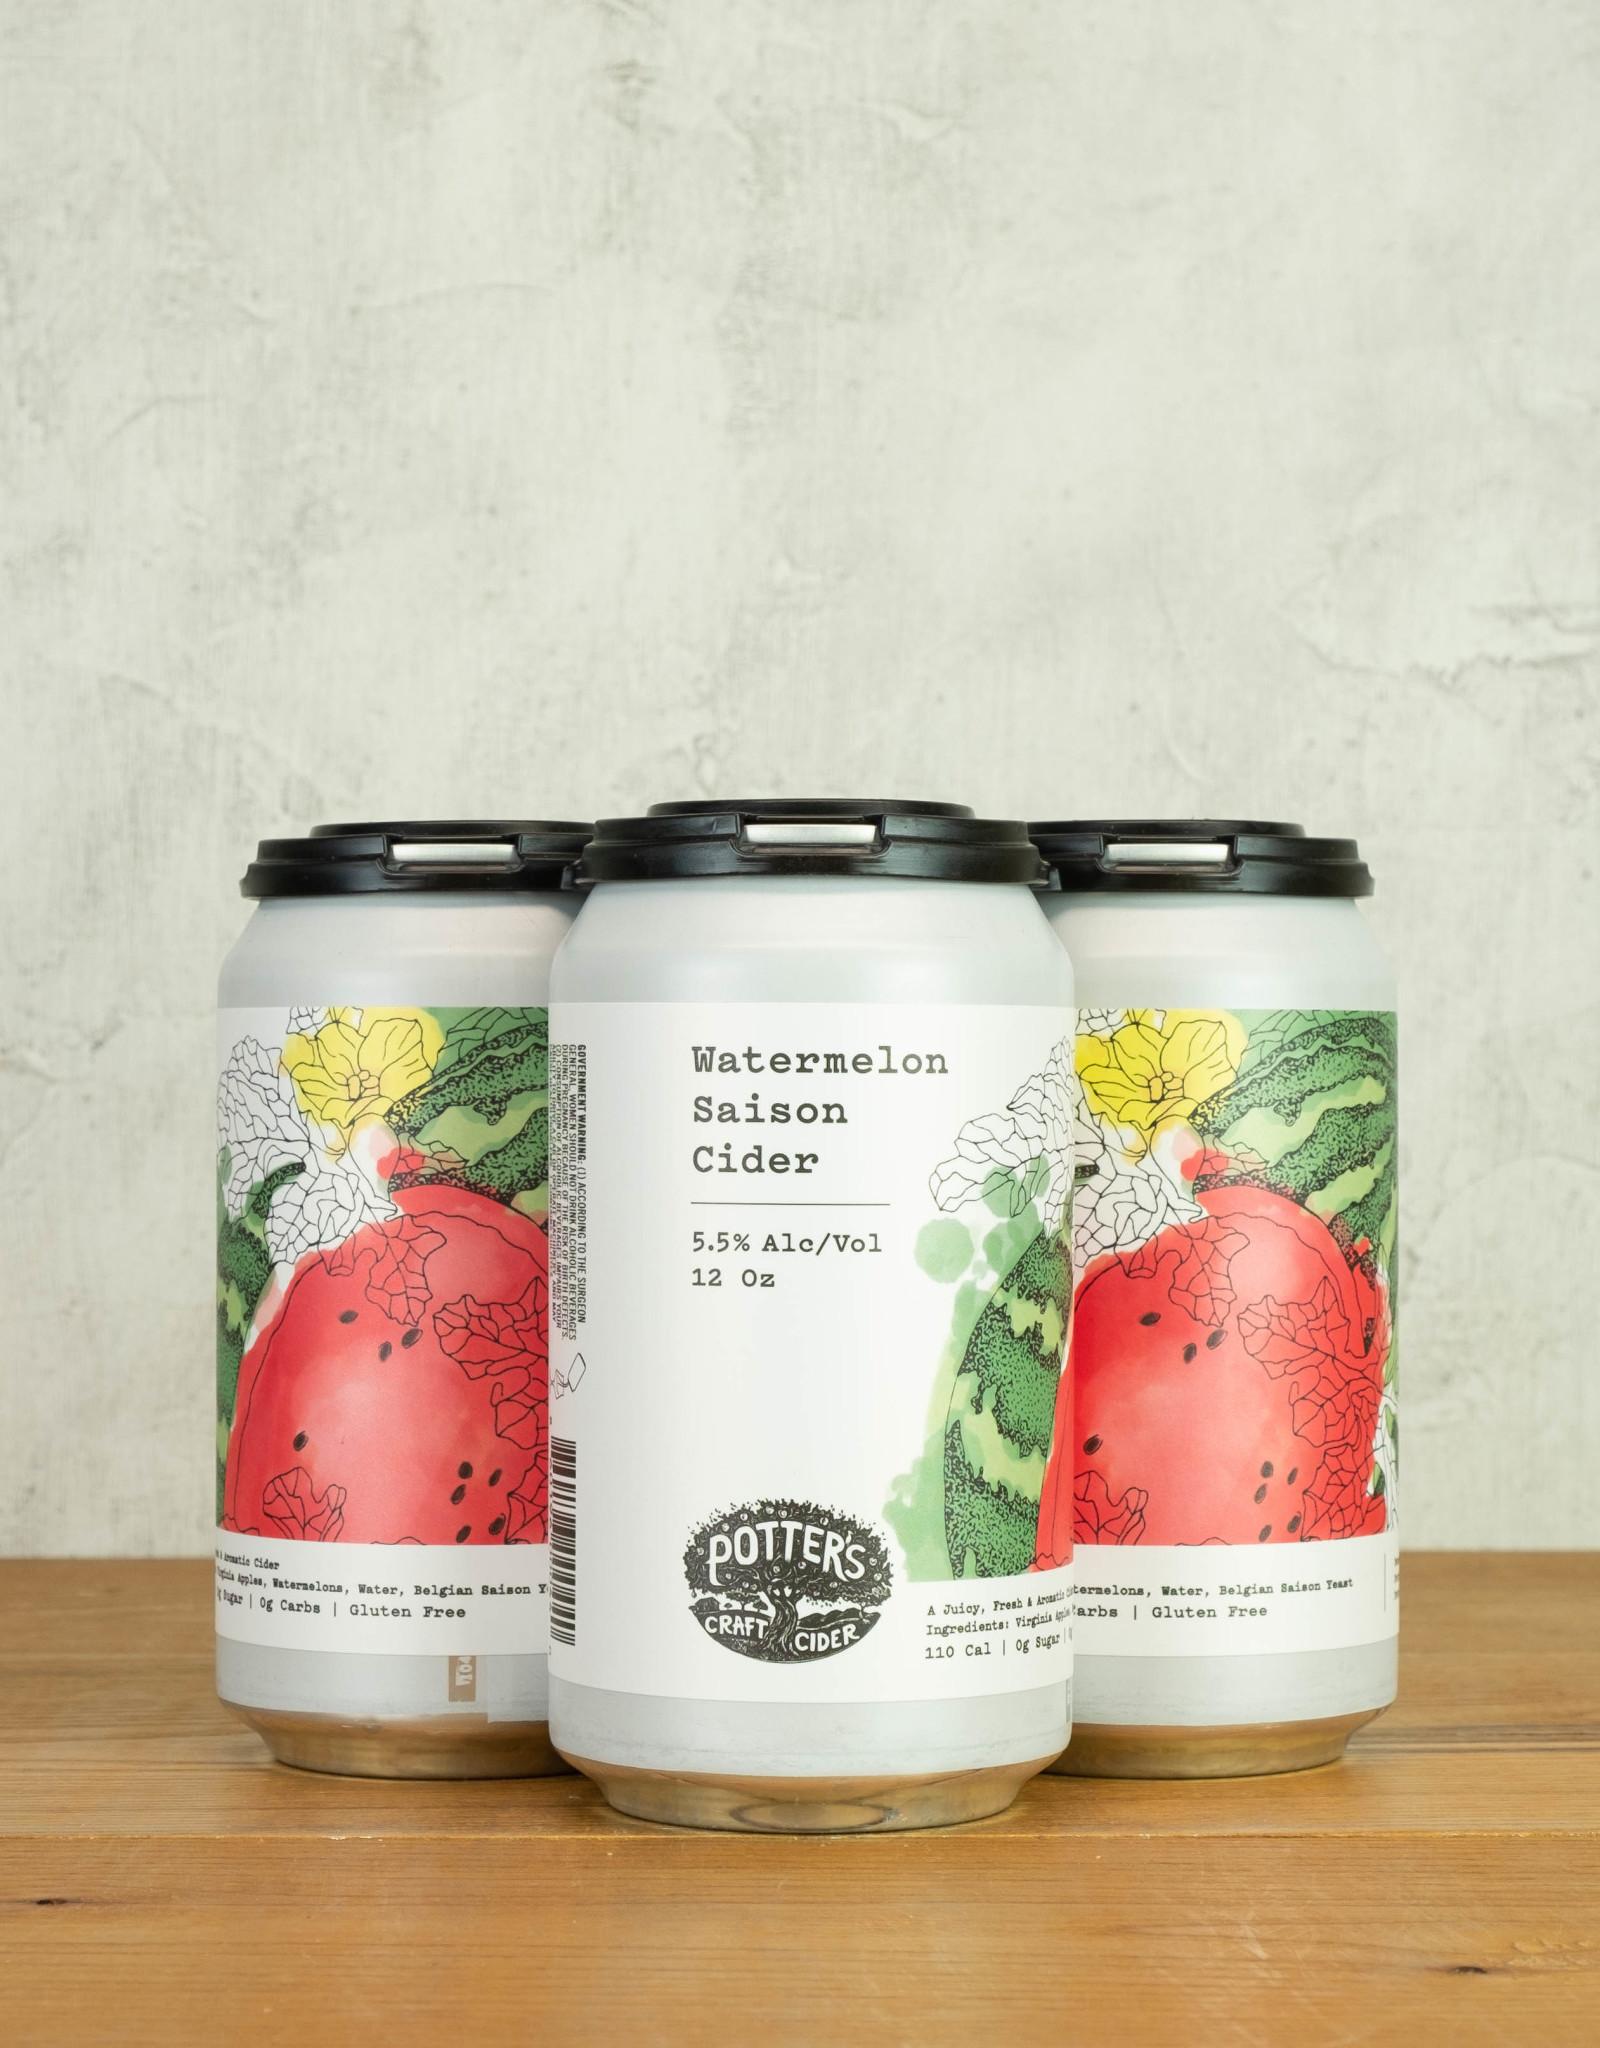 Potter's Watermelon Saison Cider 4pk